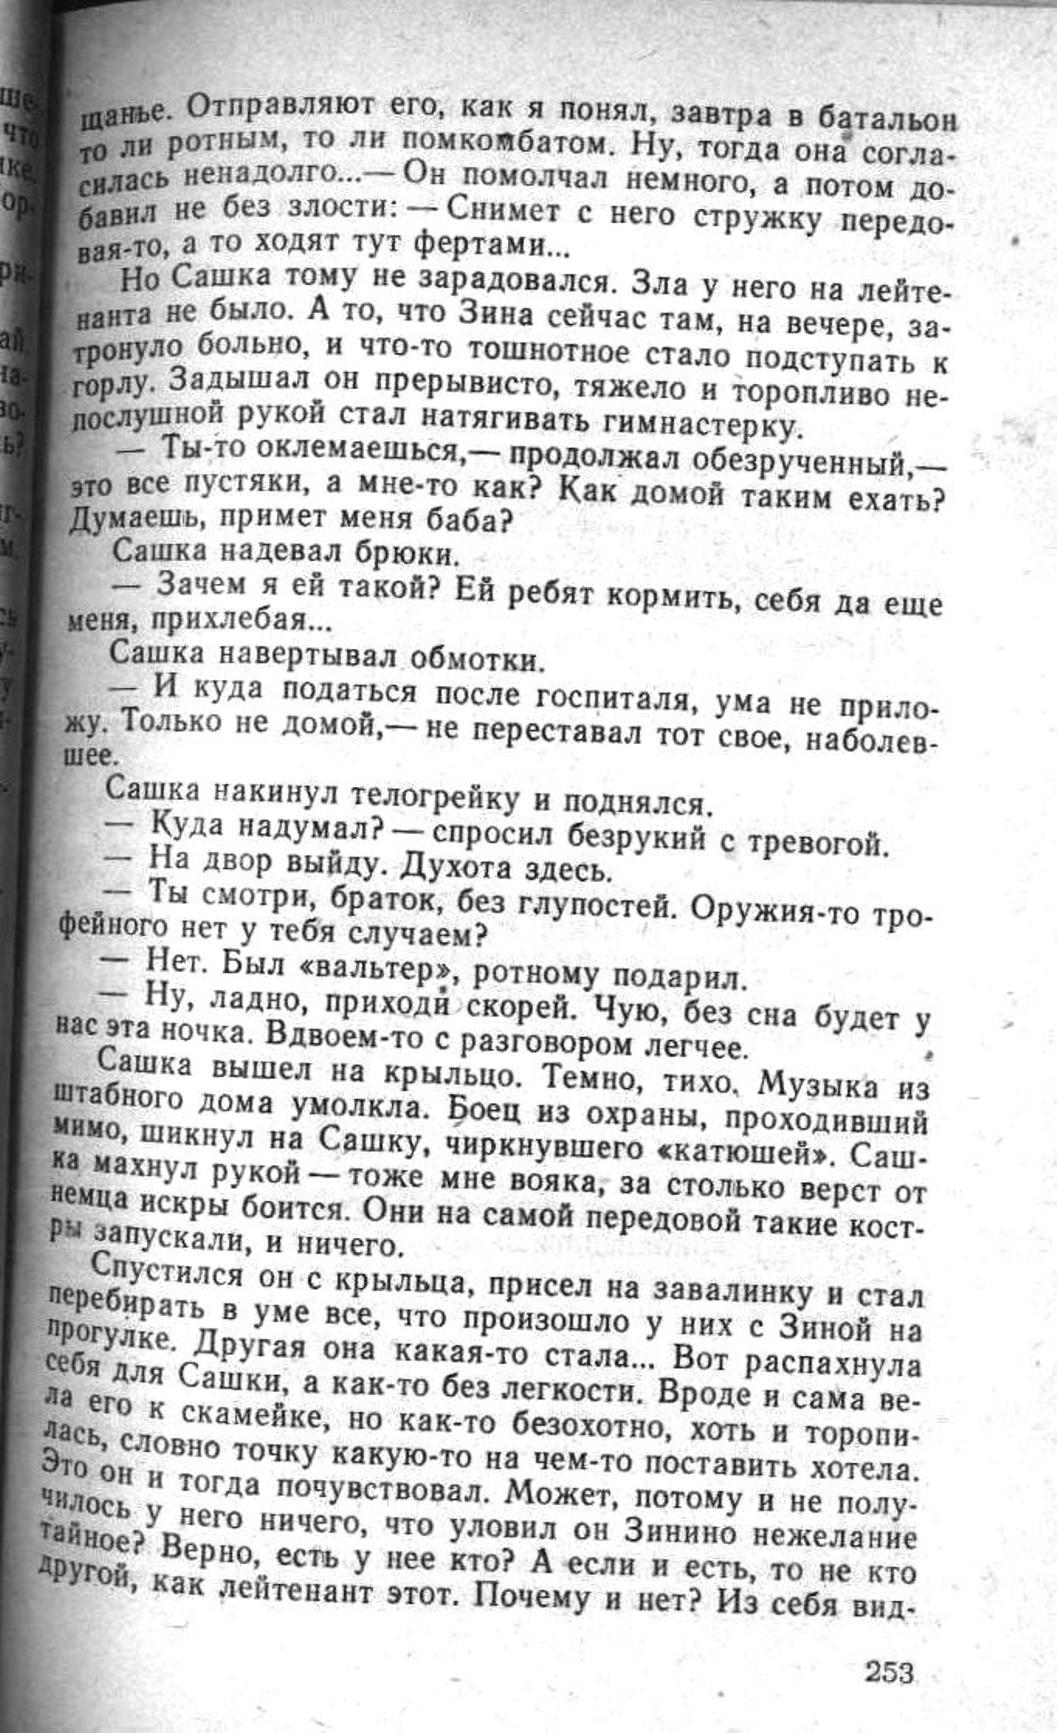 Сашка. Повесть. Вячеслав Кондратьев. 011. 004